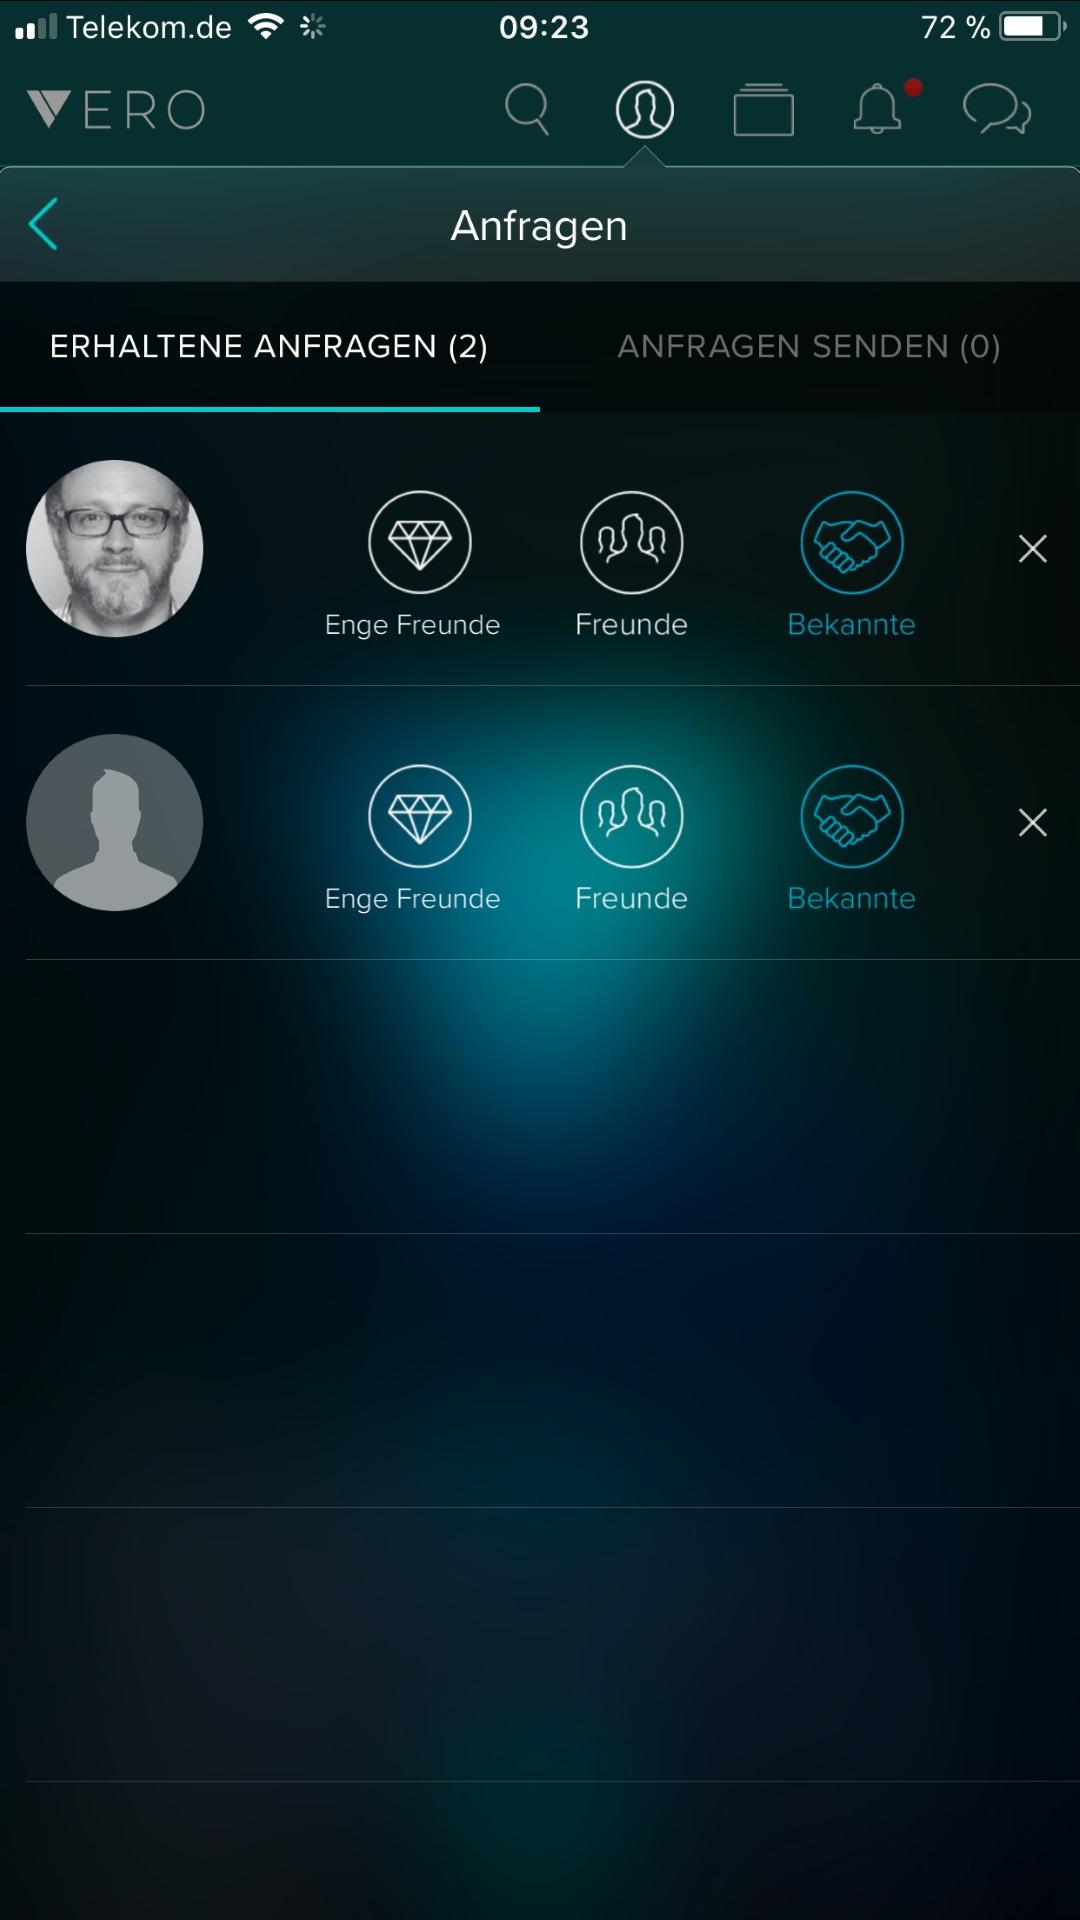 Soziales Netzwerk: Vero entfacht Hype mit kostenloser Mitgliedschaft - Neue Kontakte lassen sich in drei Kategorien einordnen. (Bild: Vero/Screenshot: Golem.de)